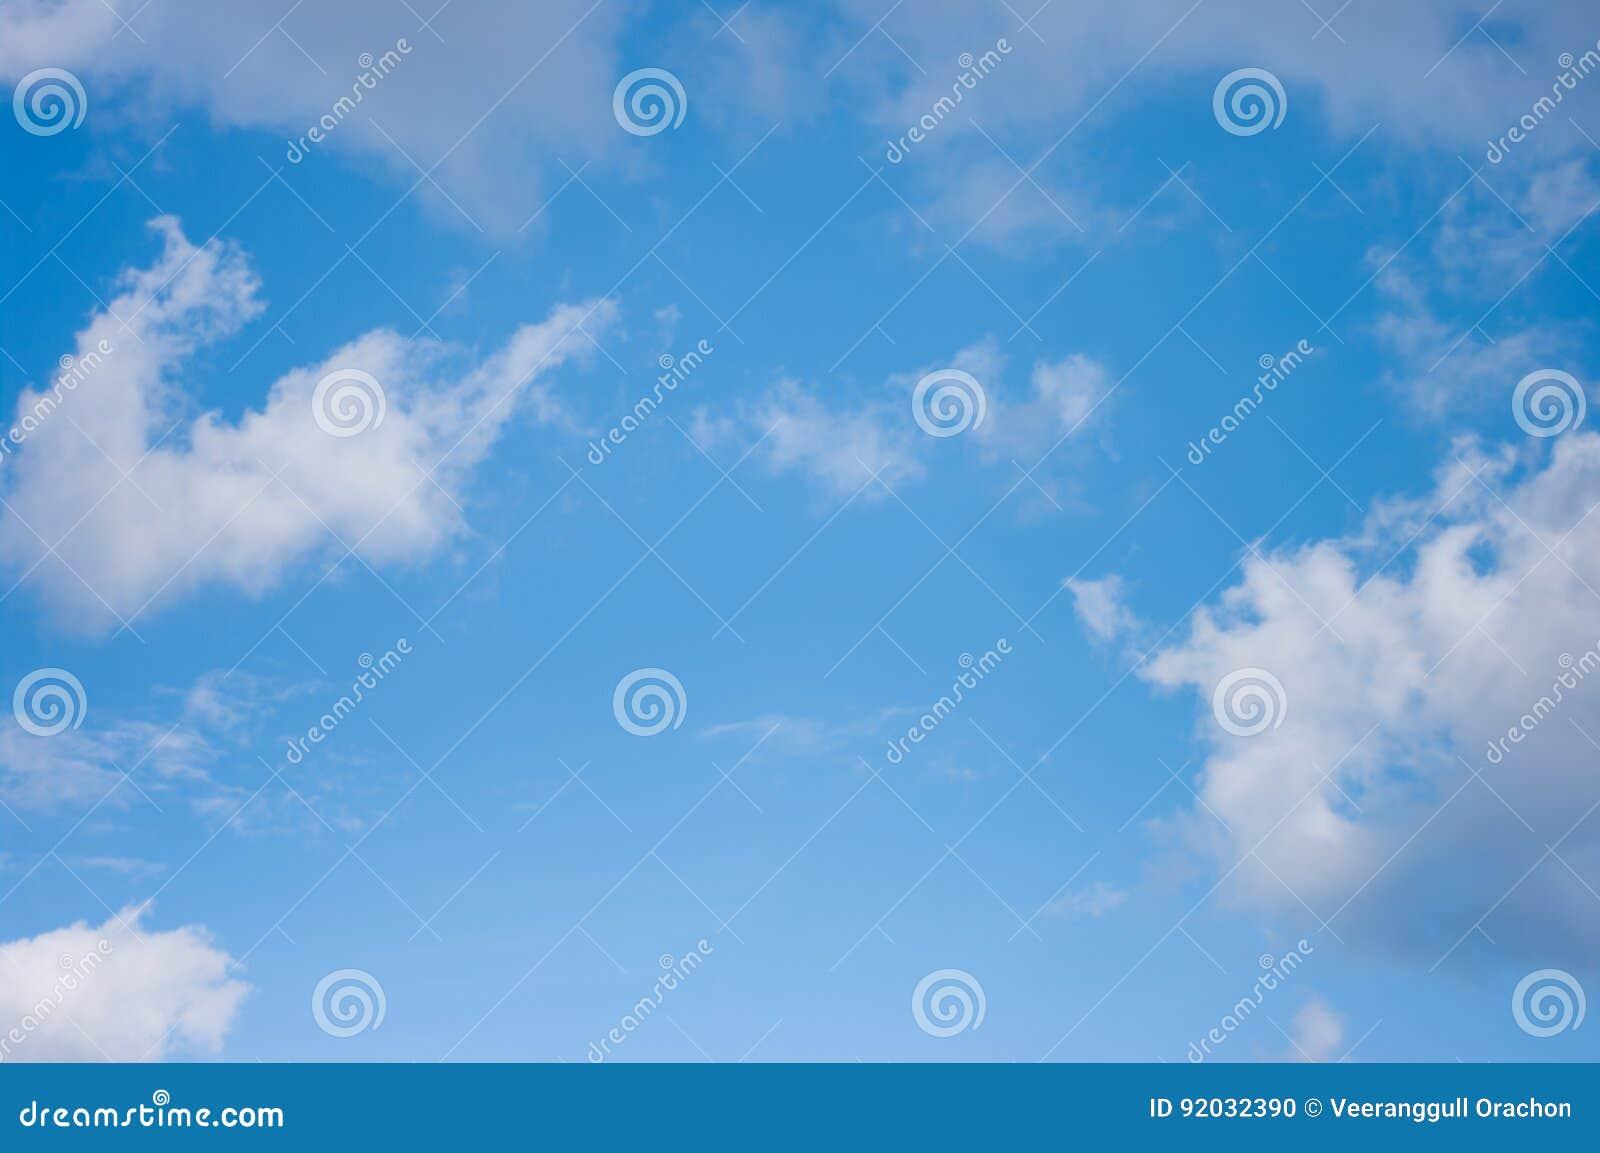 Bluen clouds skyen bluen clouds skyen